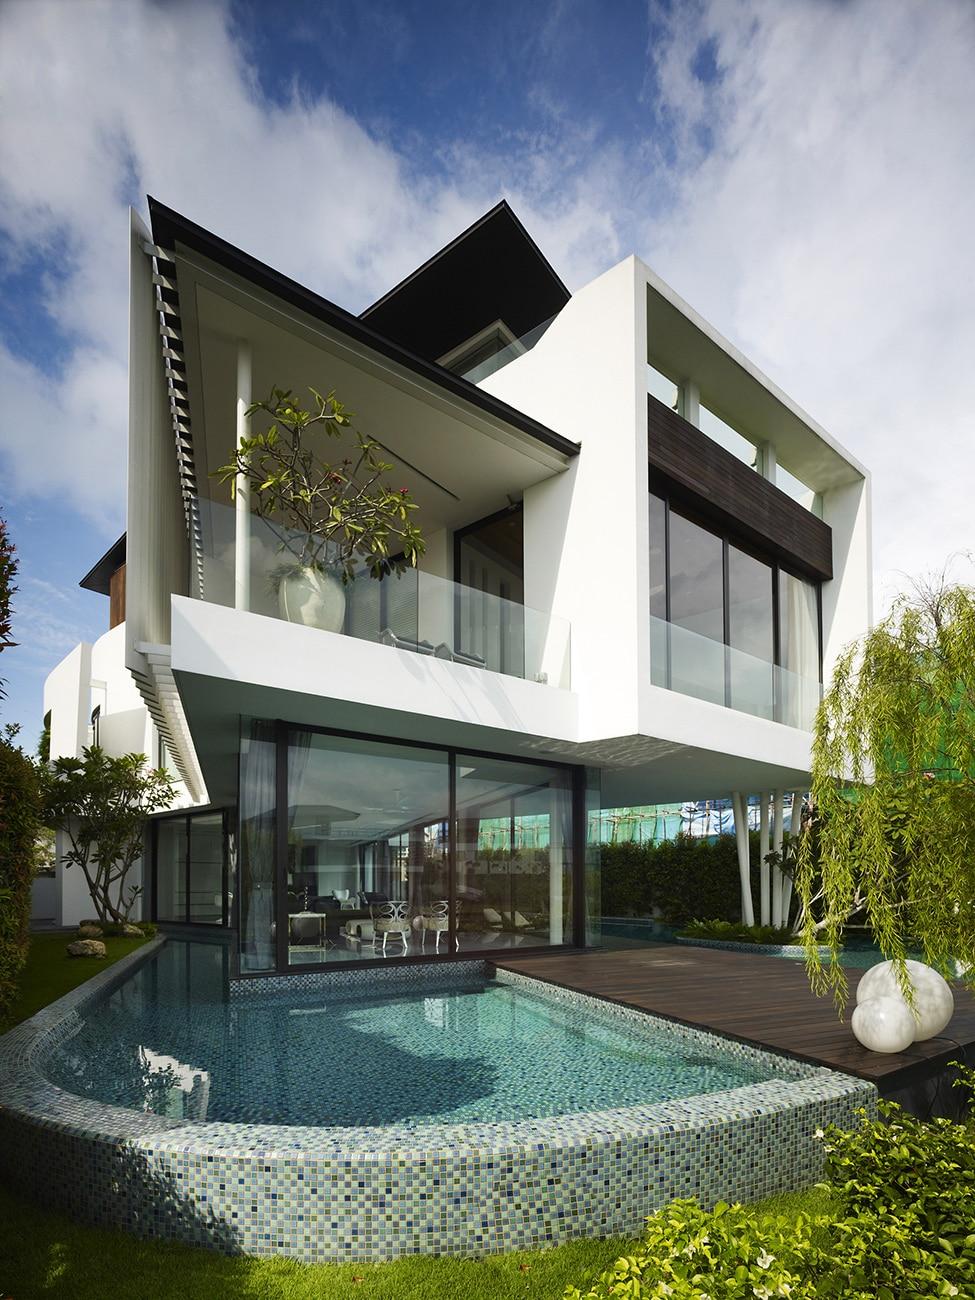 Dise o de moderna casa de dos pisos con azotea jard n for Fachadas de casas modernas 2 pisos